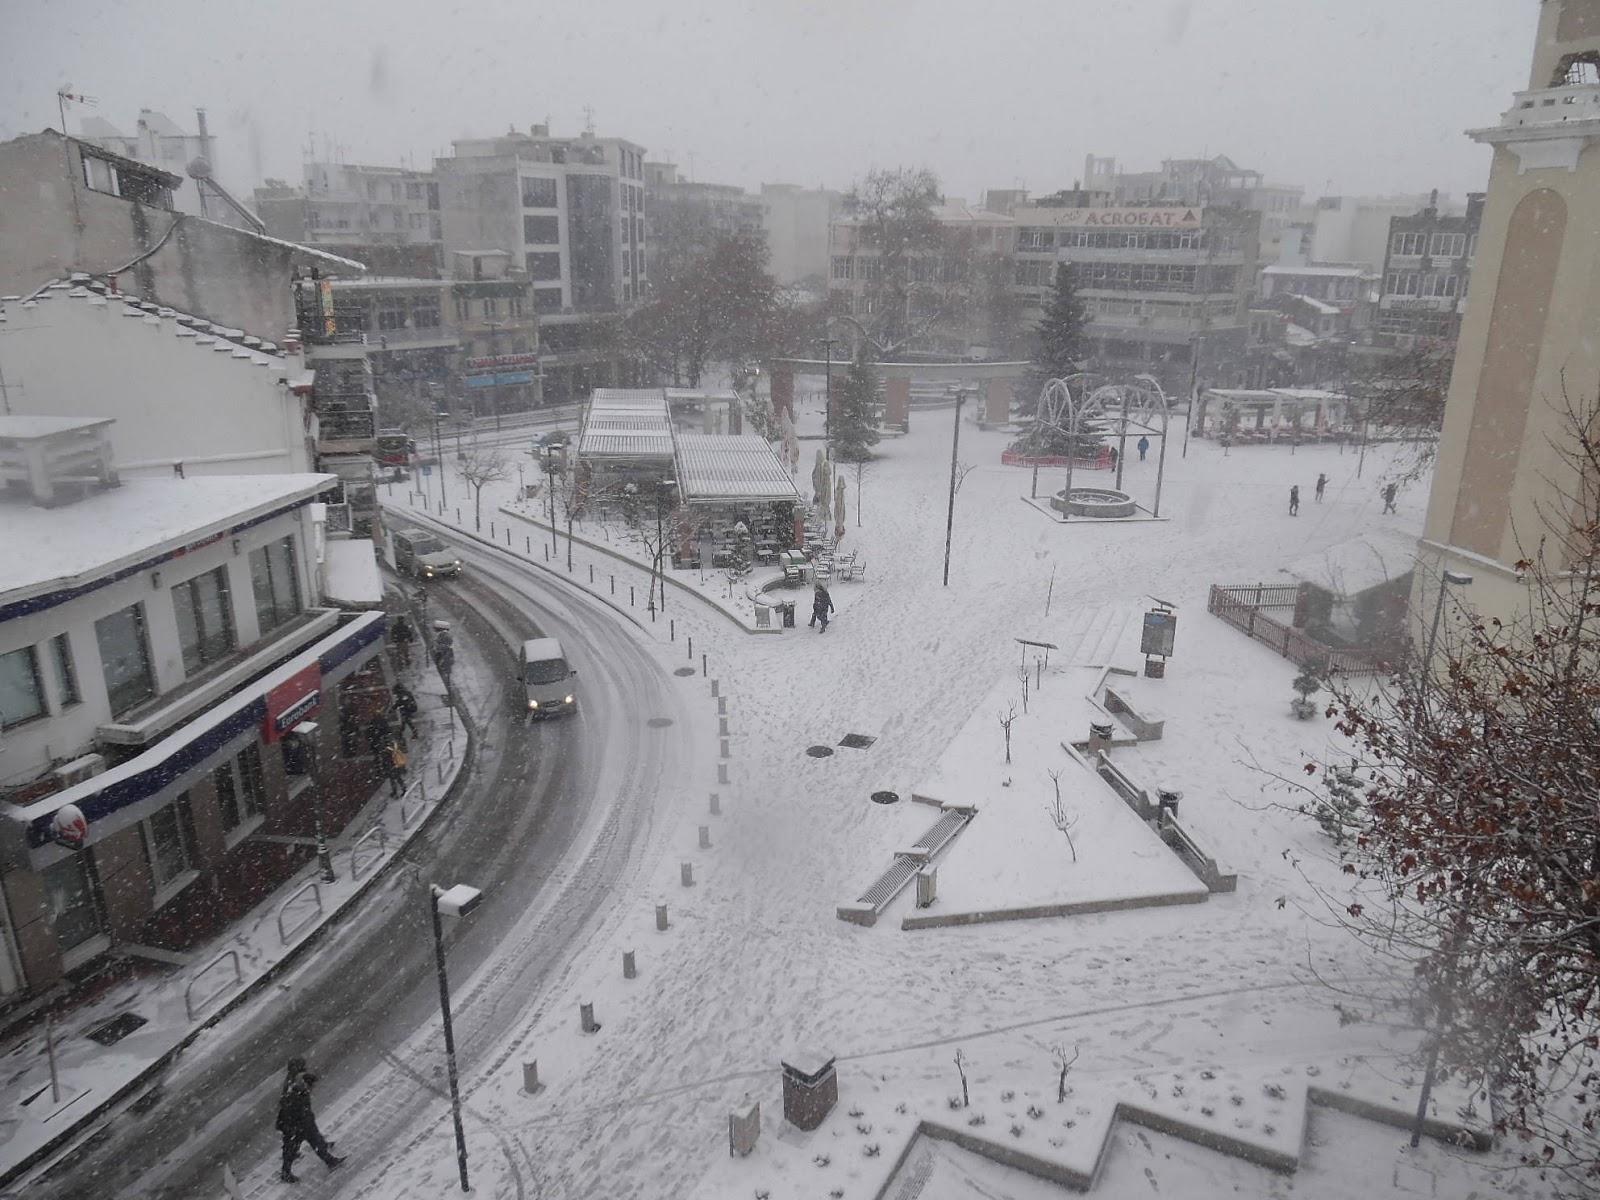 Καιρικά Νέα Ξάνθης: Έρχονται χιόνια στην Ξάνθη το Σαββατοκύριακο